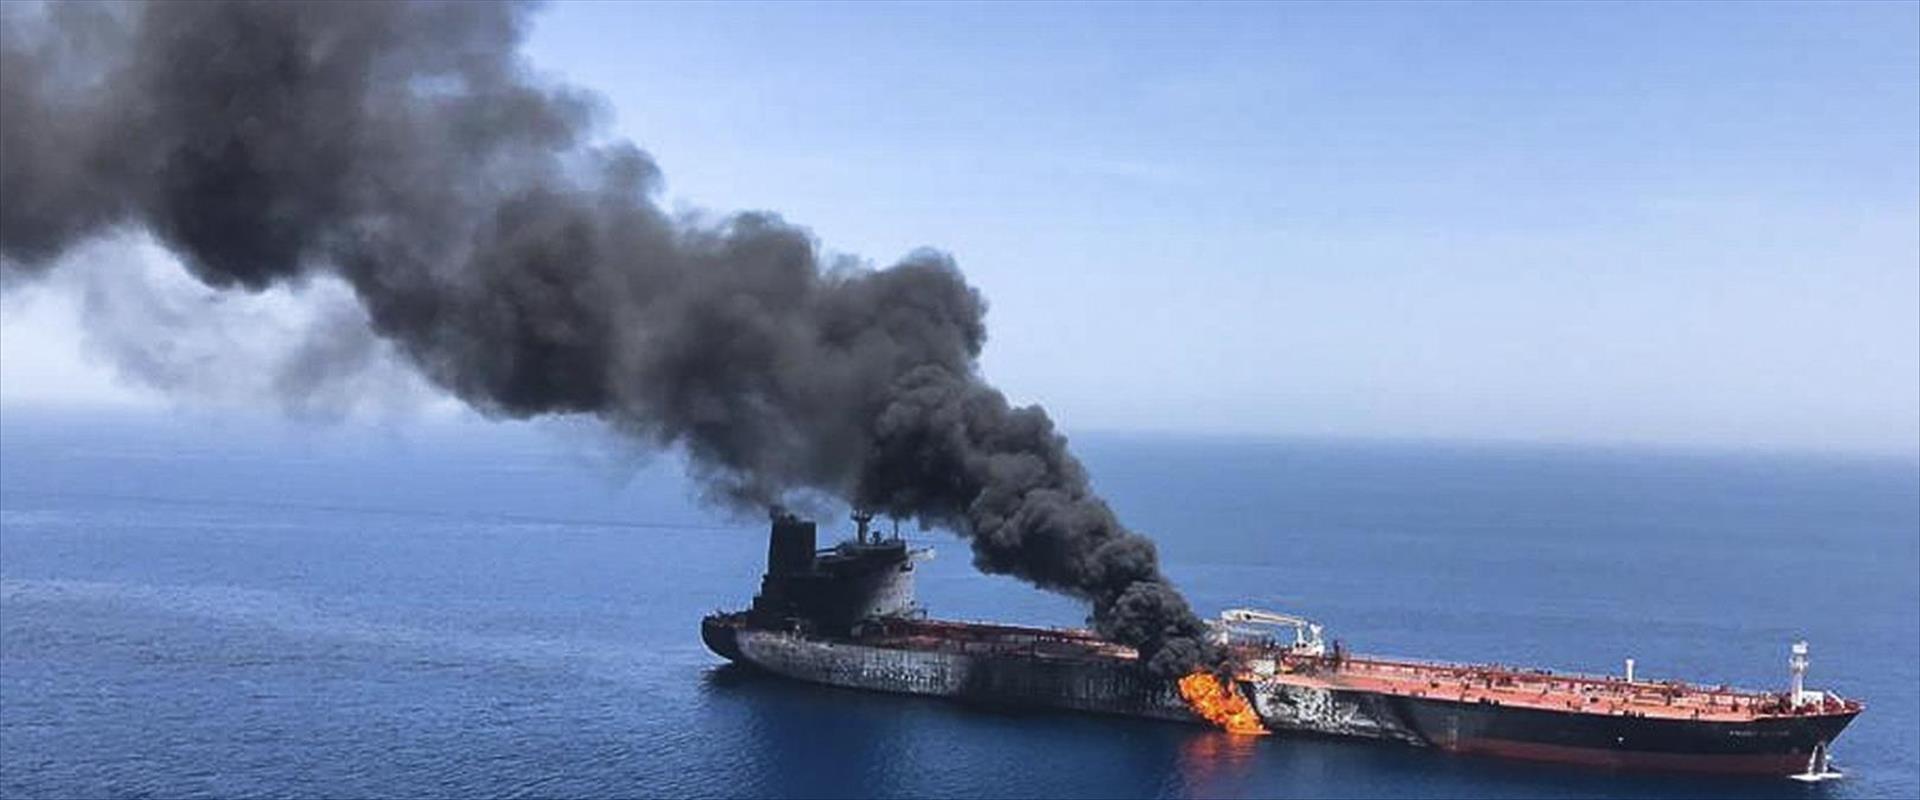 תקיפת מכלית במפרץ הפרסי